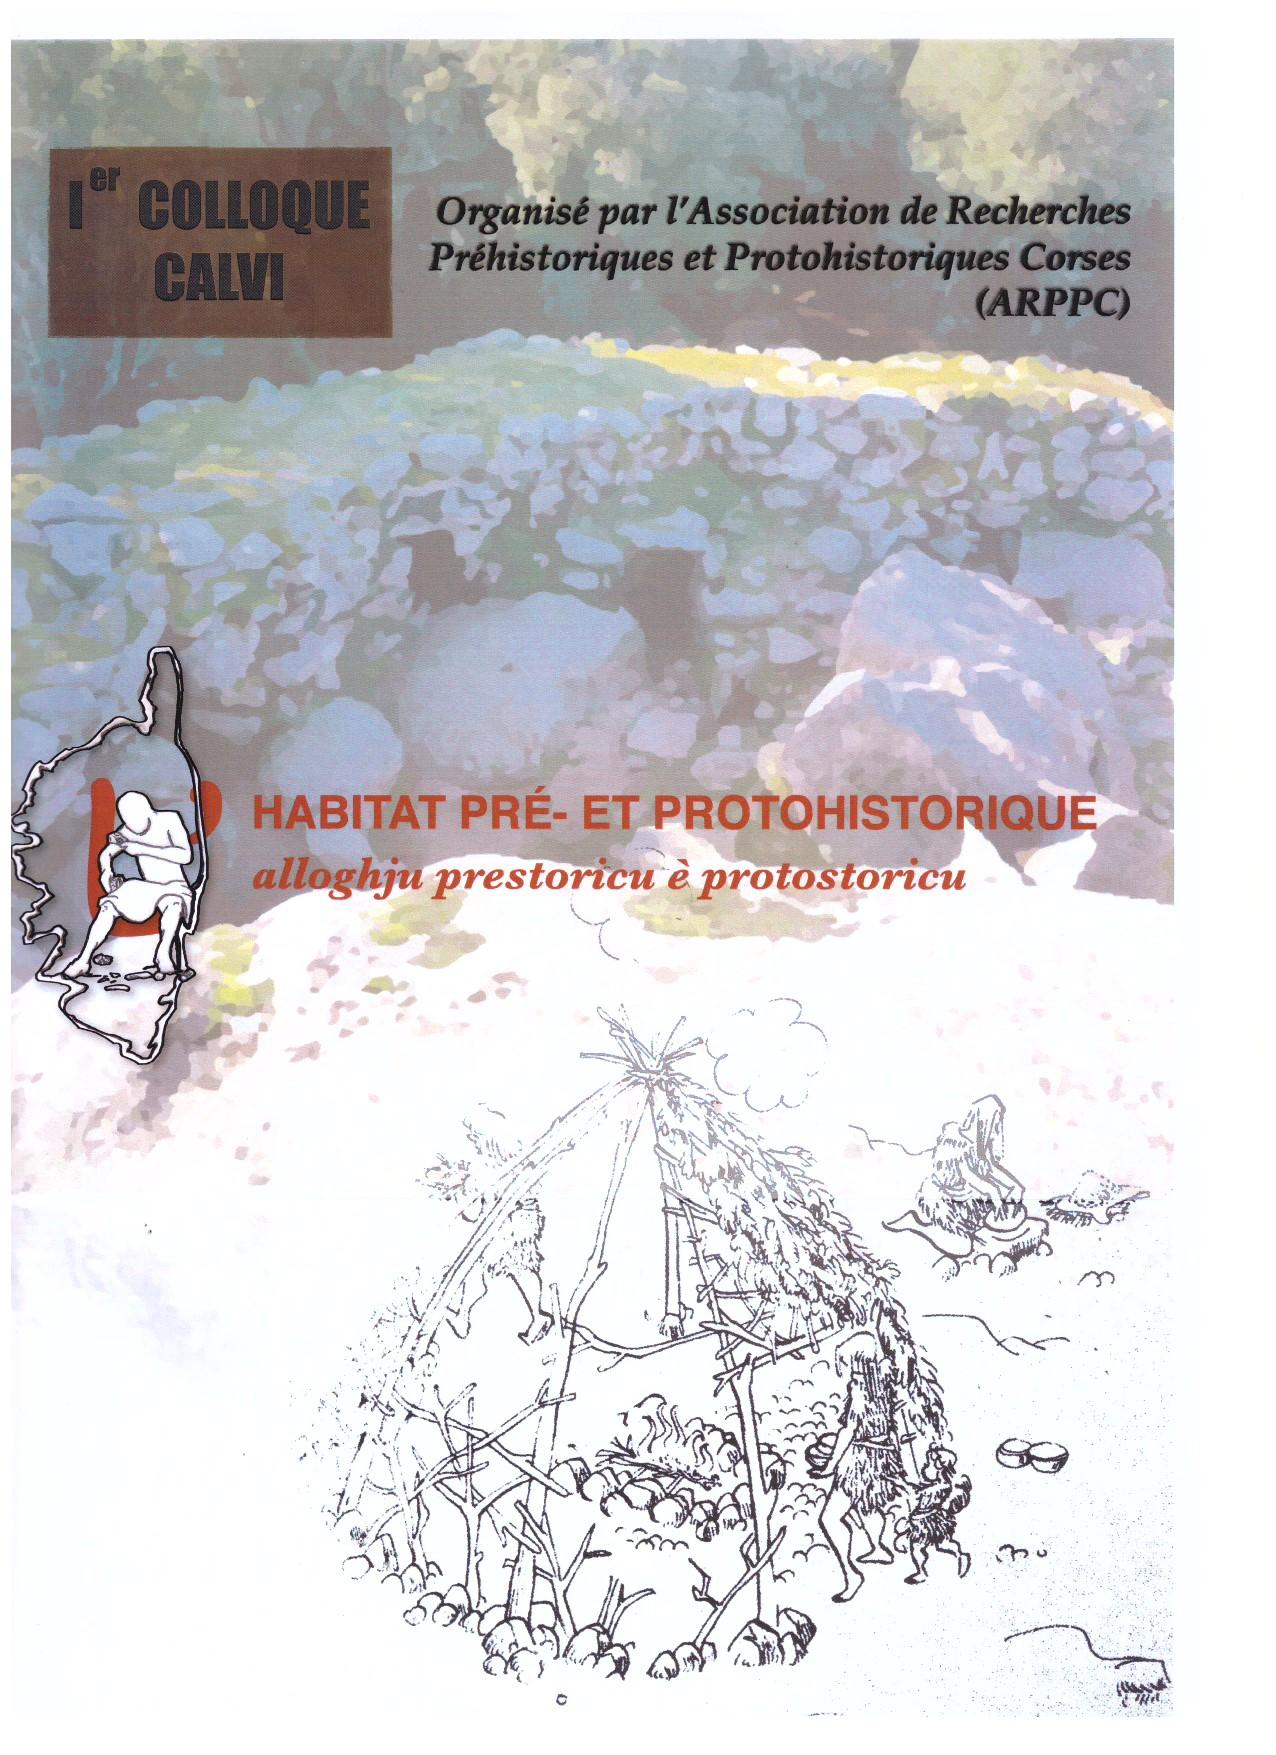 1er colloque Habitat Pré et Protohistorique les 28, 29 et 30 avril à Calvi